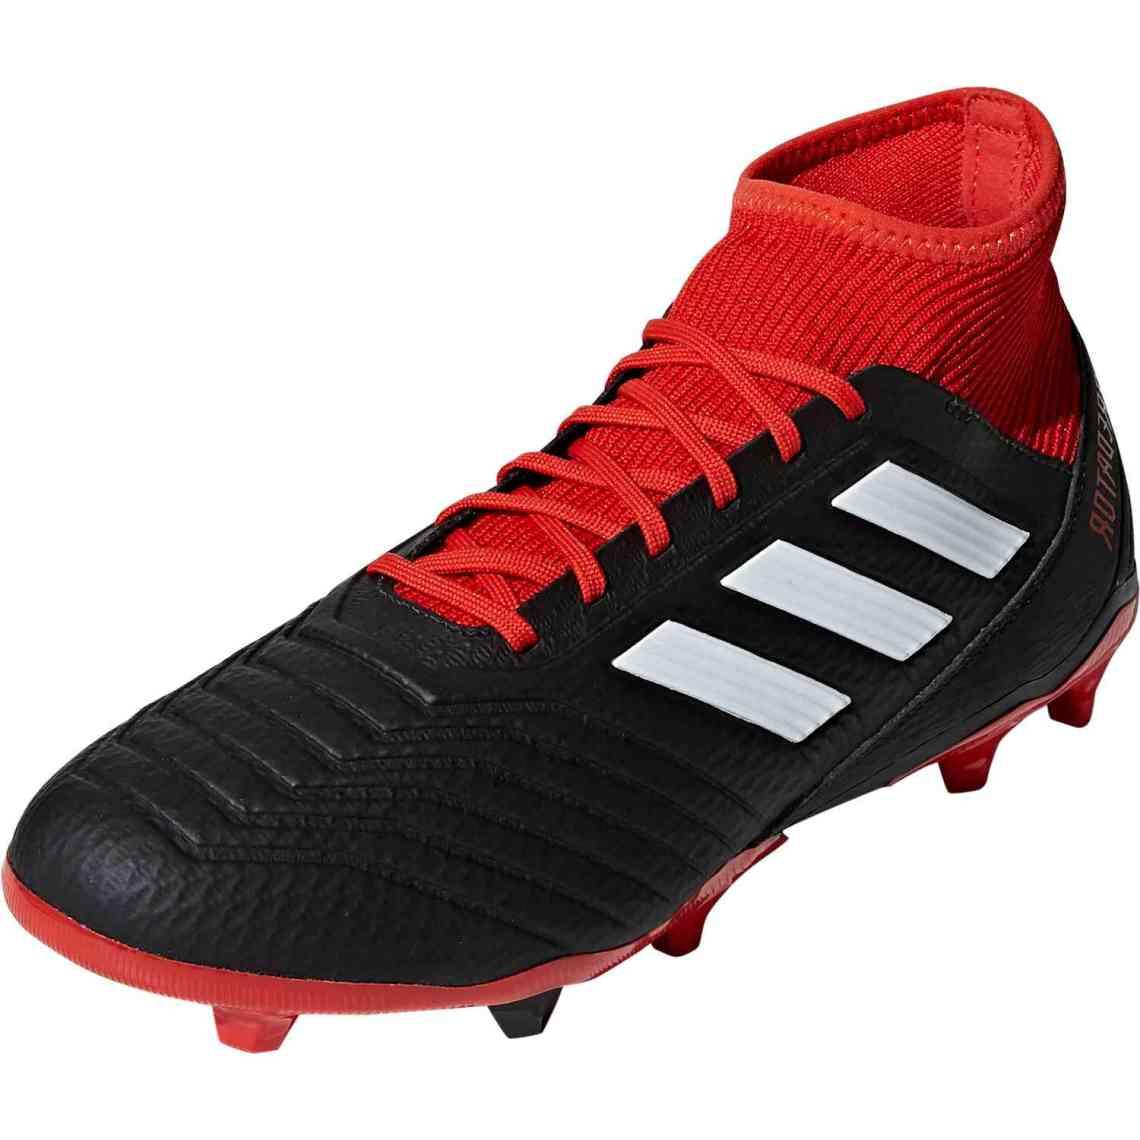 Adidas Predator 183 3